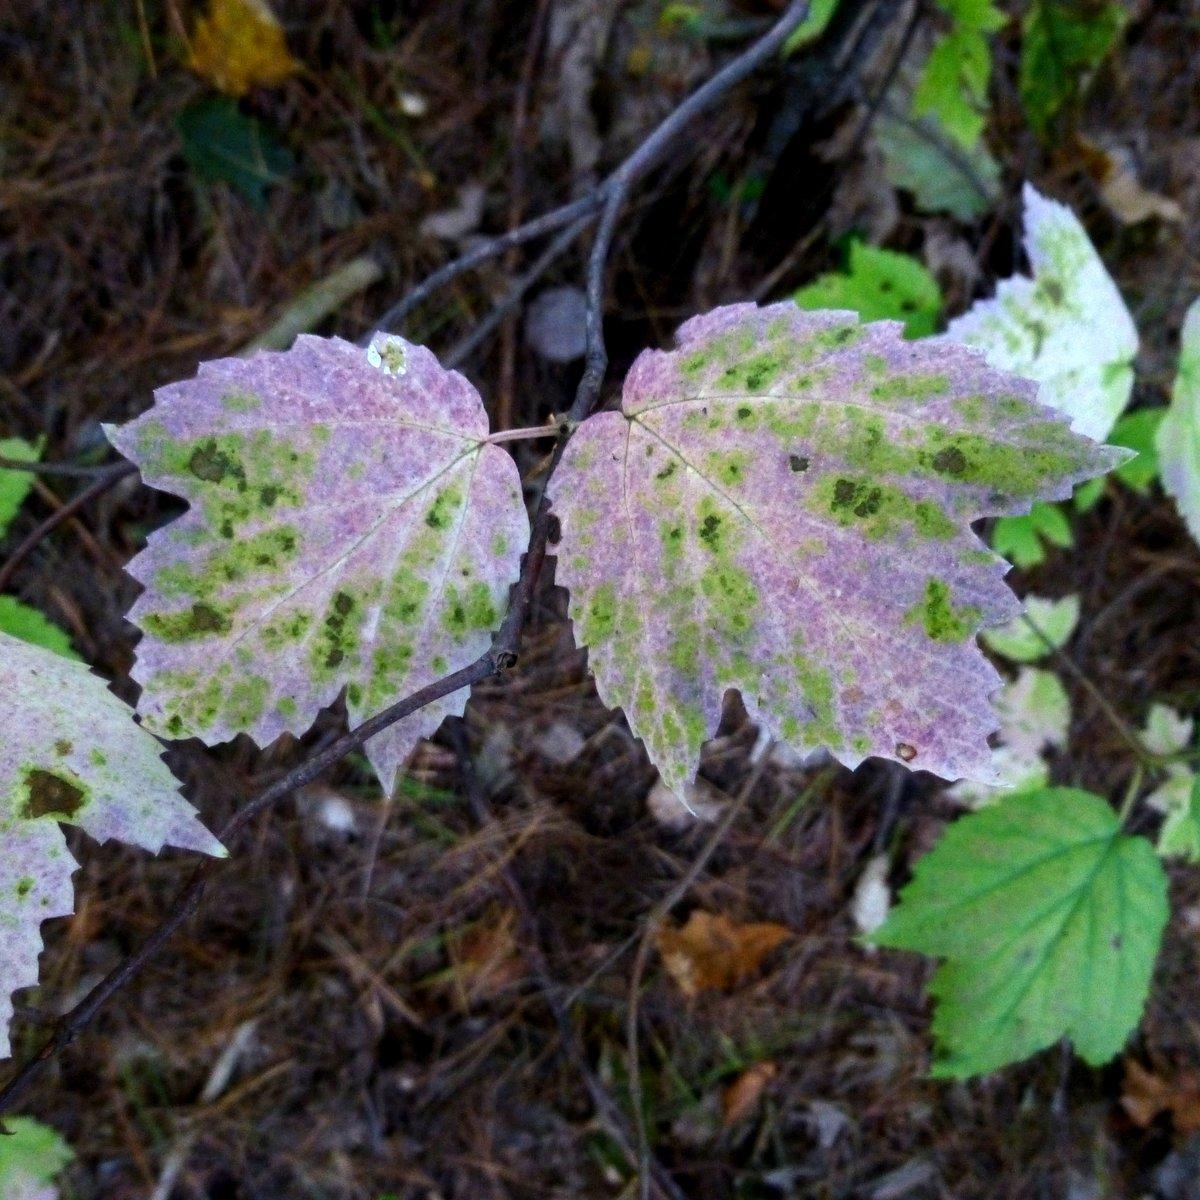 9. Maple Leaf Viburnum Foliage